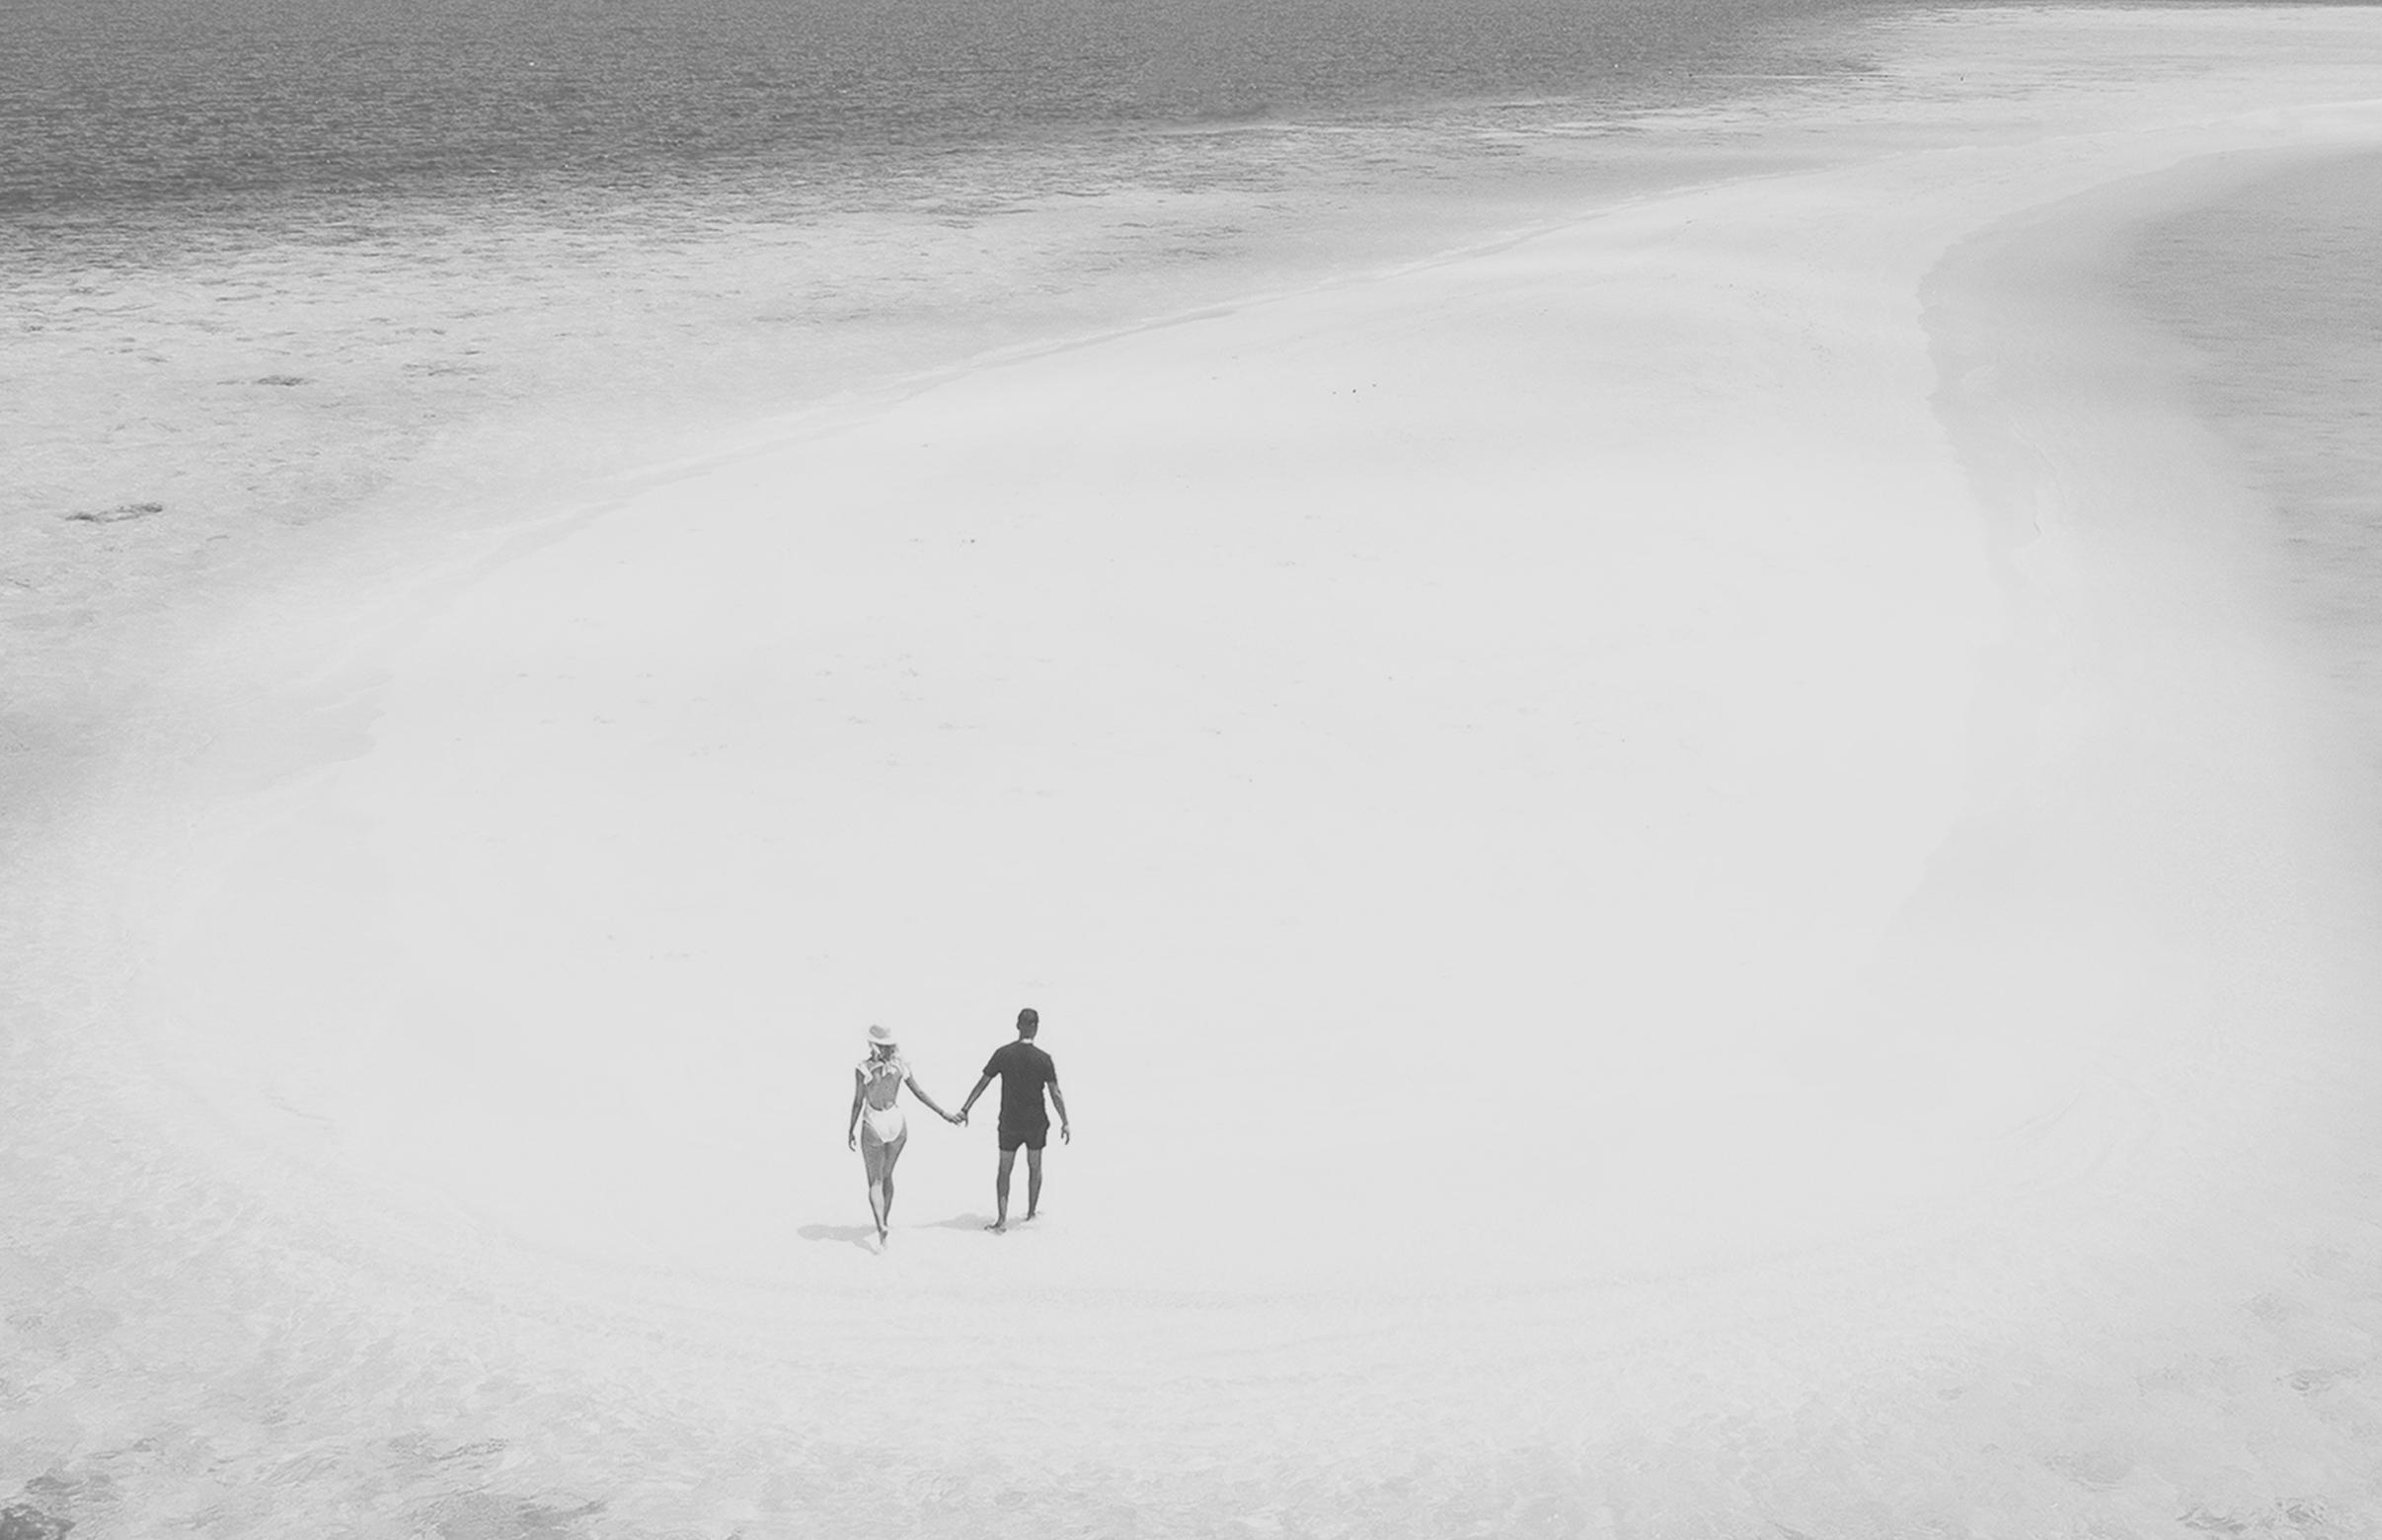 Paar spaziert auf Sandbank